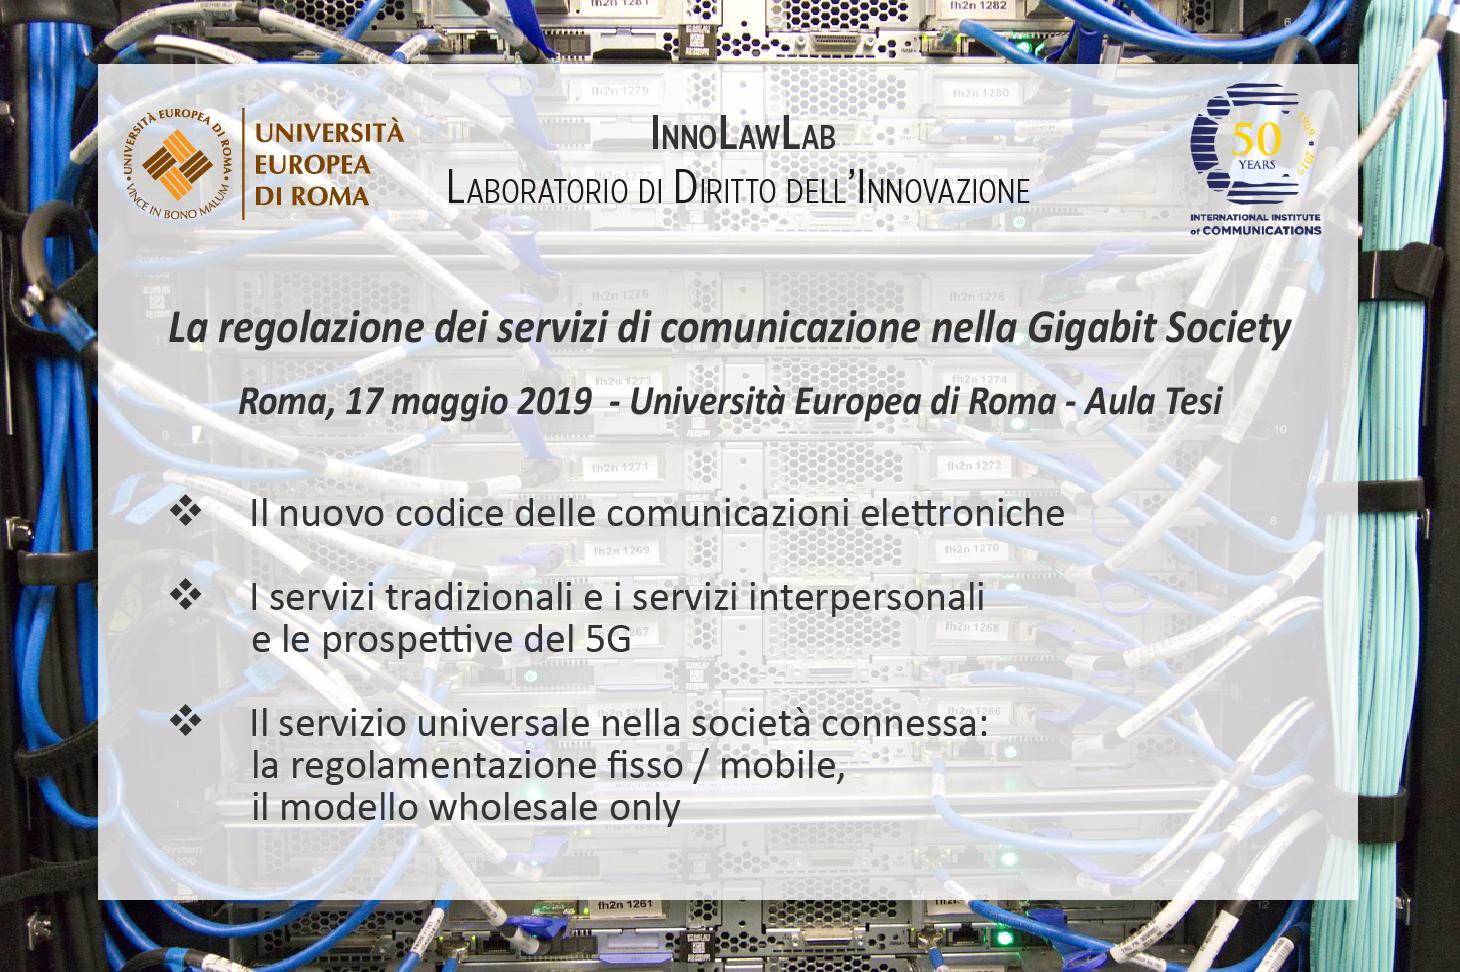 La regolazione dei servizi di comunicazione nella Gigabit society